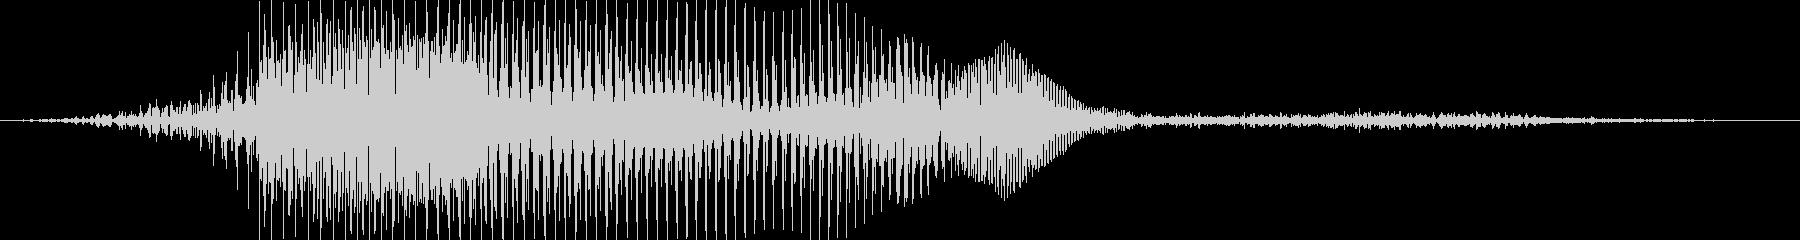 はい!の未再生の波形